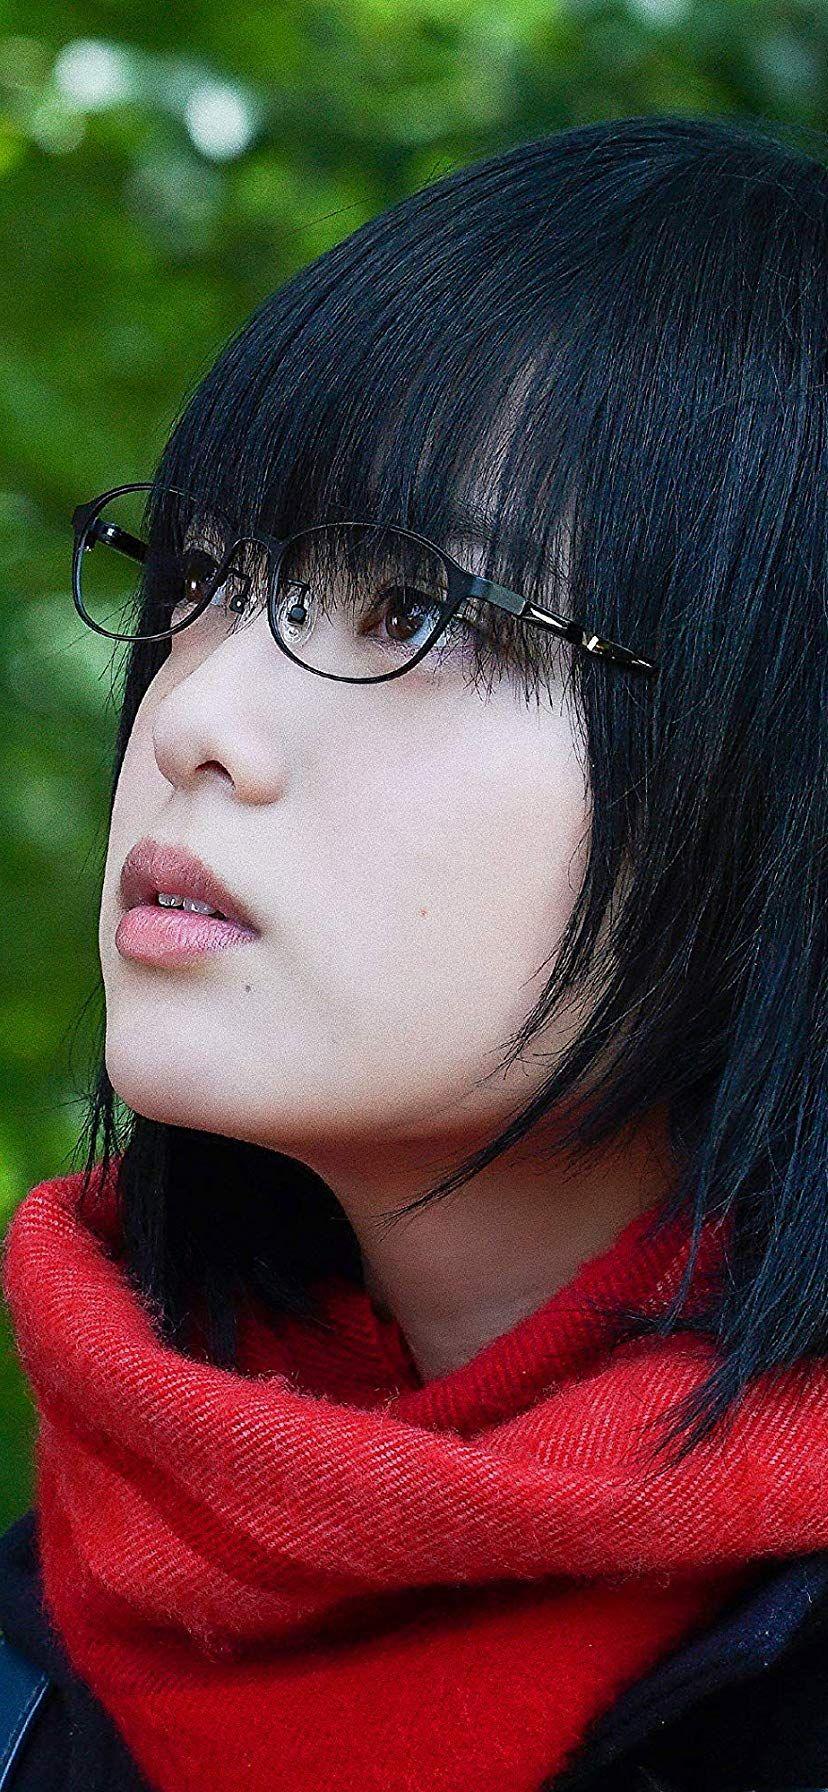 欅坂46 Iphone Xr Xs Max 壁紙 平手友梨奈 女性タレント スマホ用画像